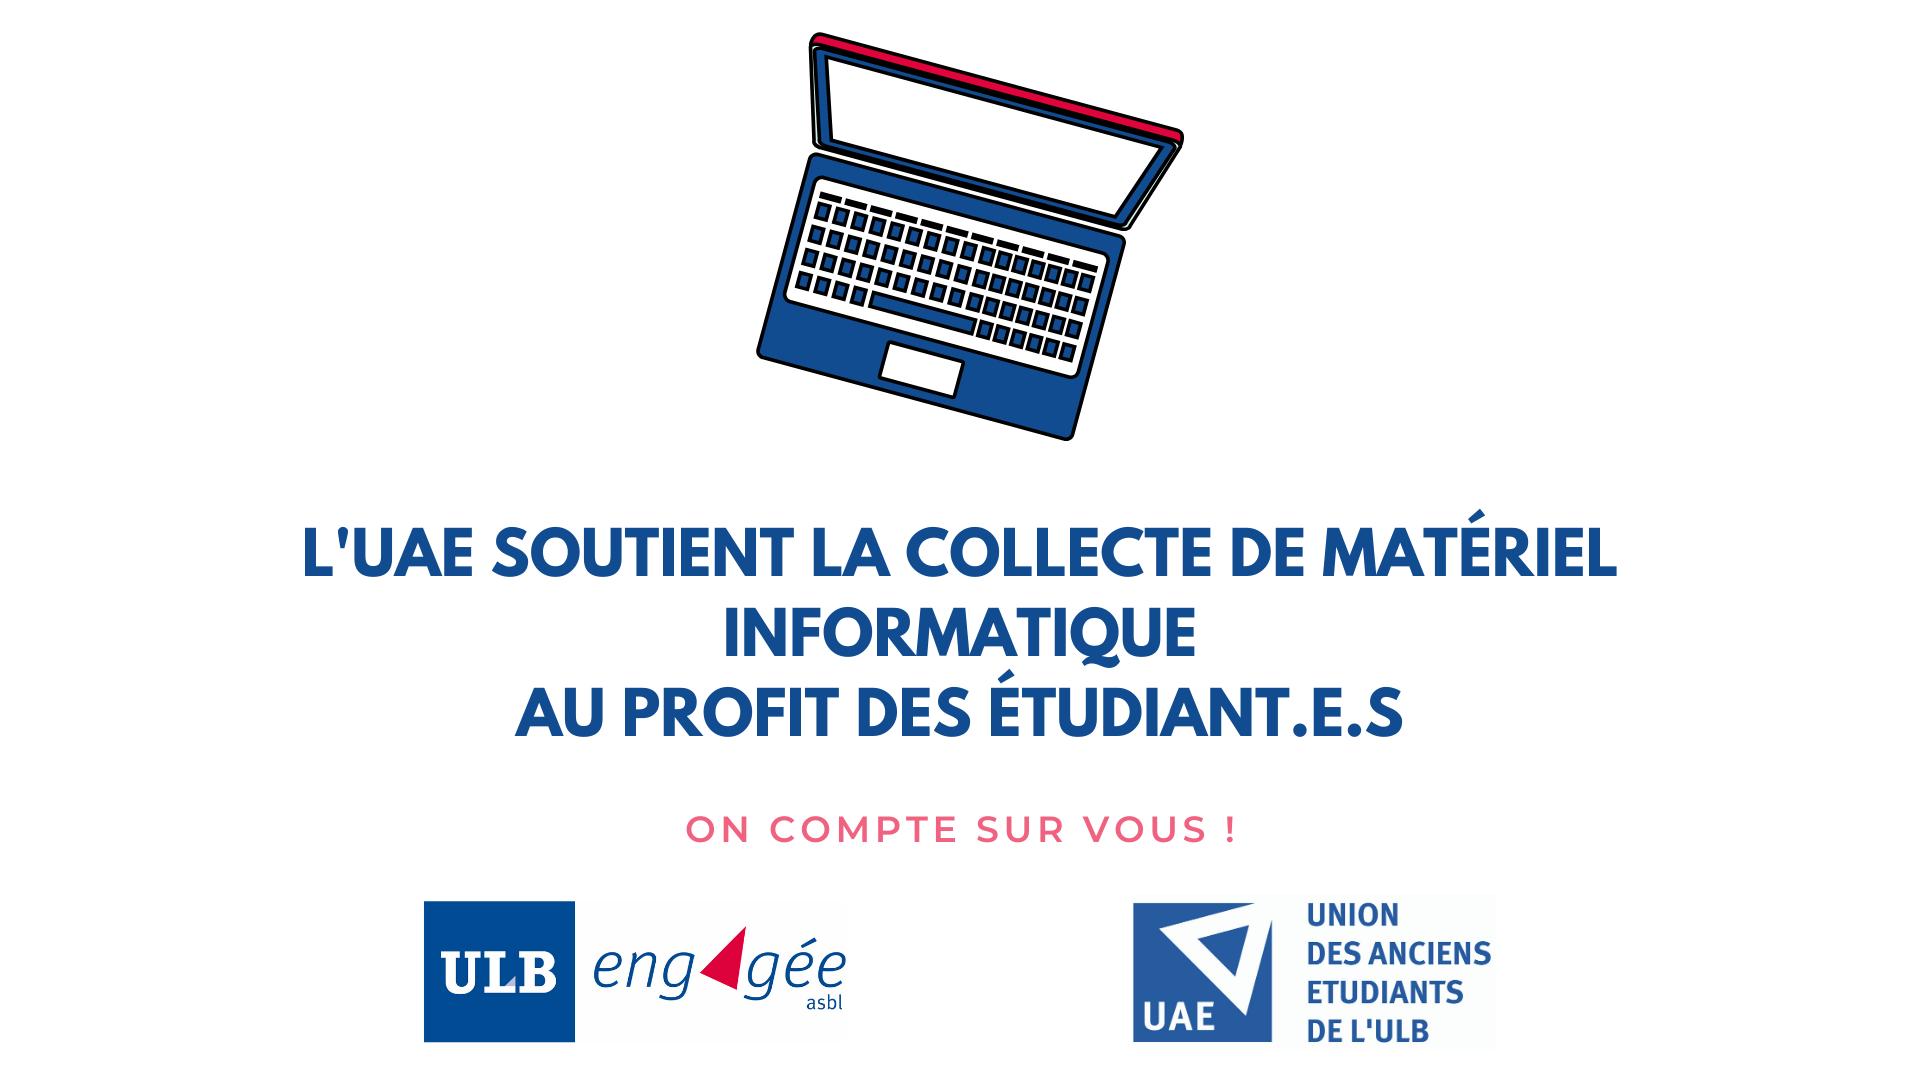 L'UAE soutient la collecte de matériel informatique pour les étudiant.e.s